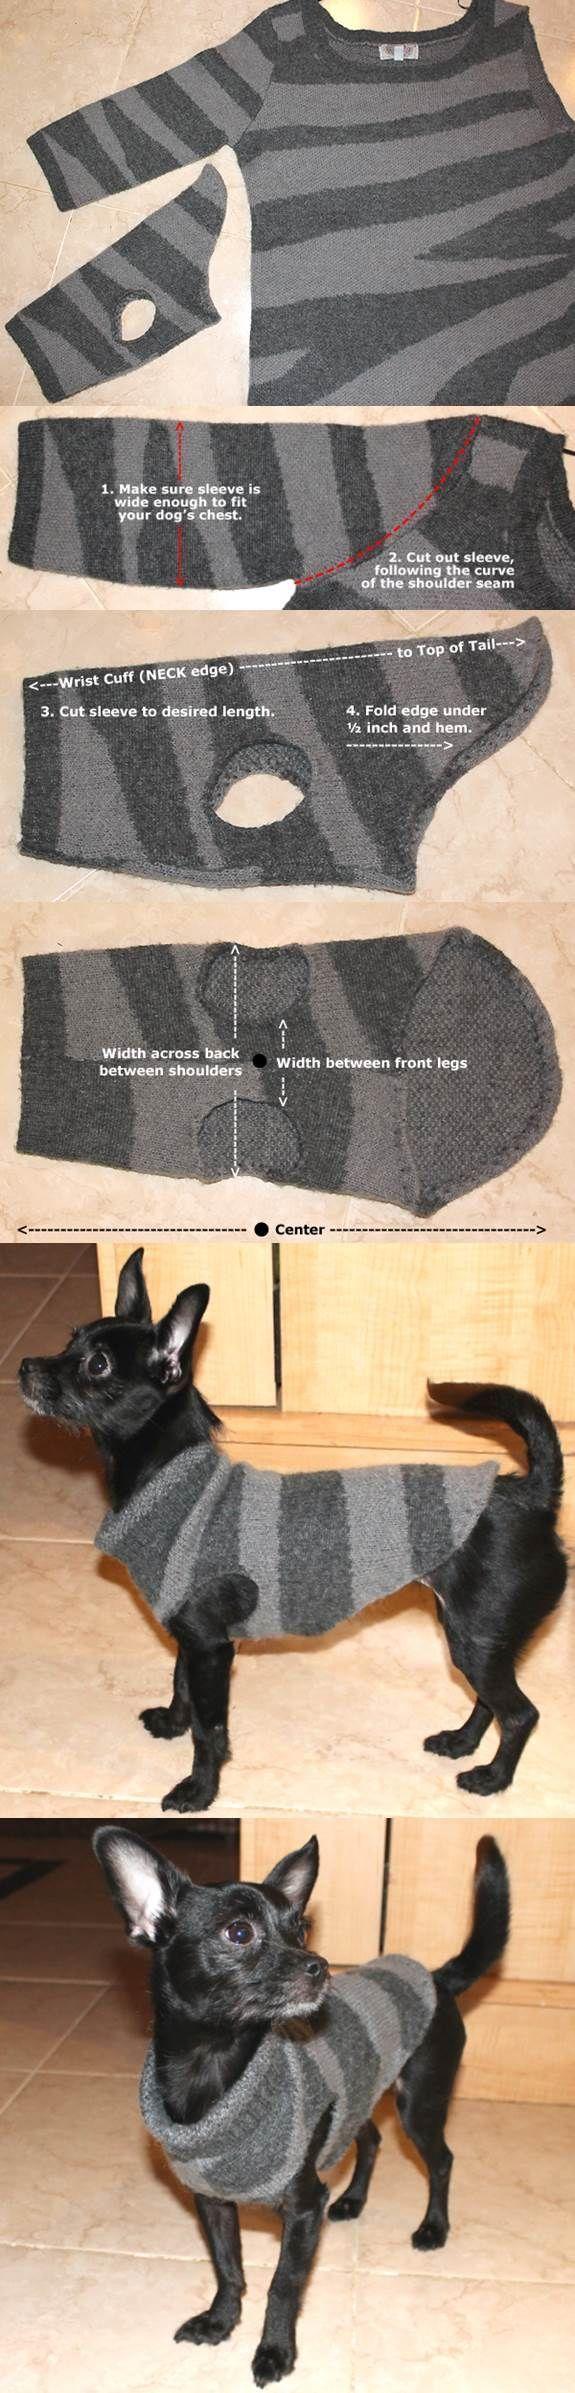 94,9 Rouge fm :: Un manteau pour votre chien... à faire vous-même! Très facile!! :: Le blogue de Vicky Jodry Blogue deVicky Jodry - Feed Story